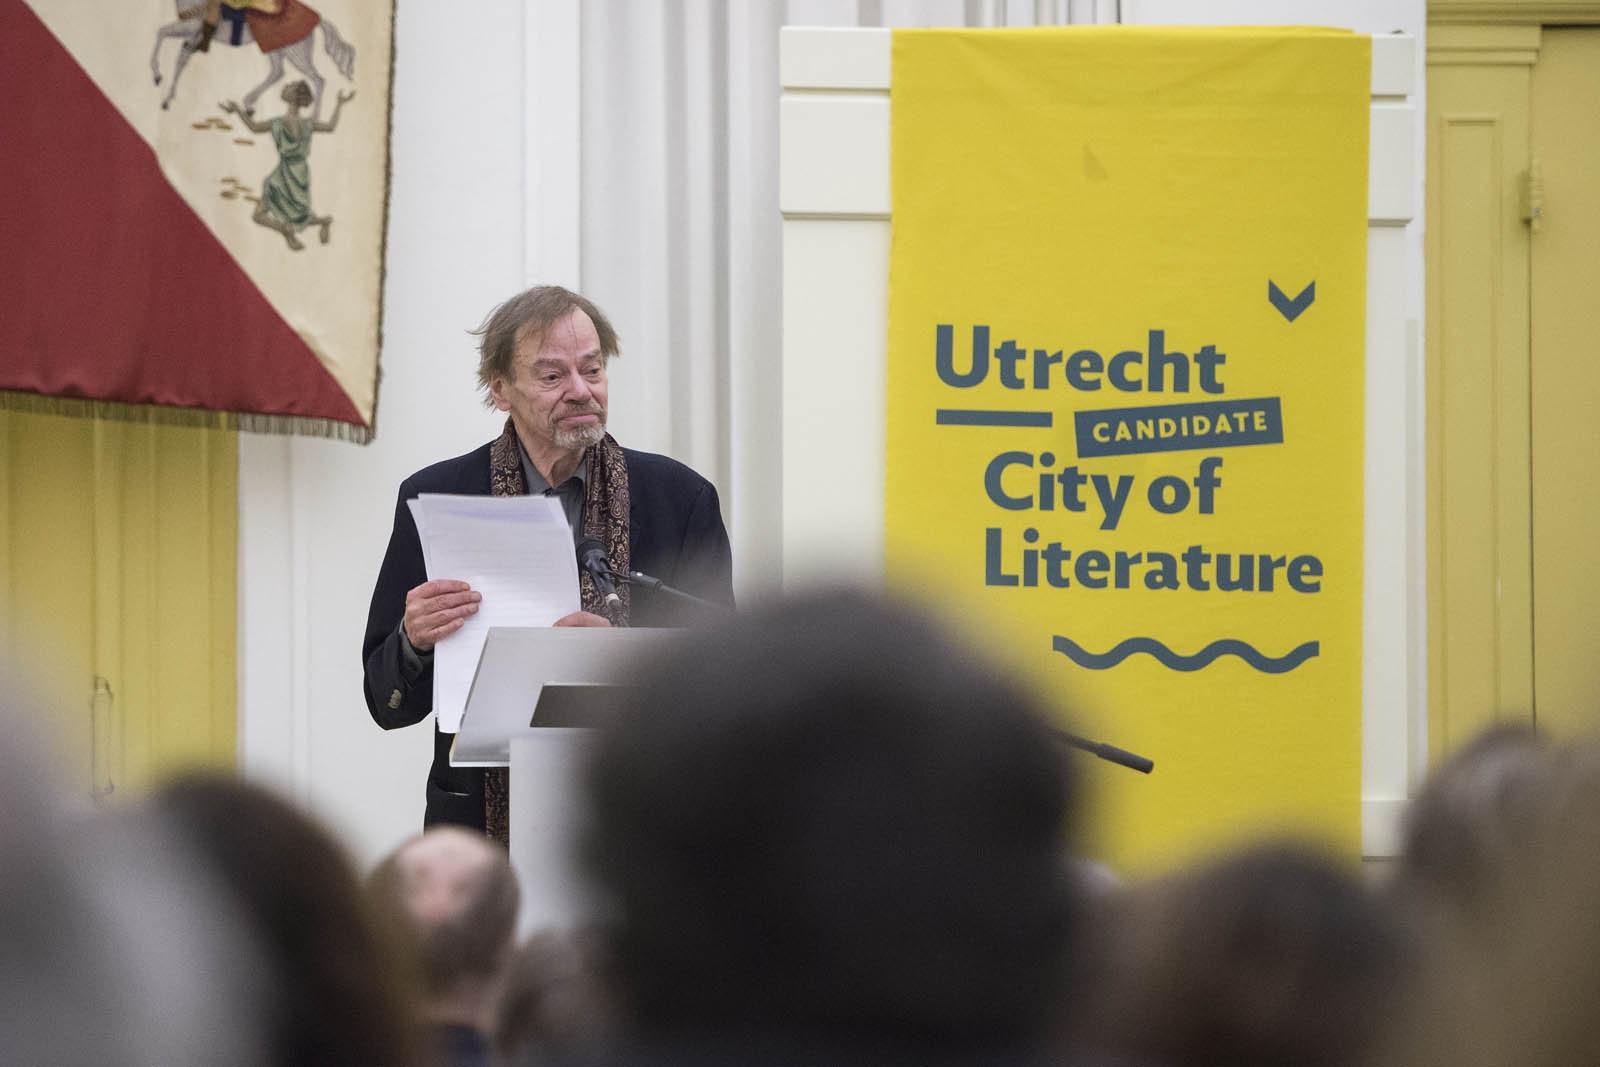 De C.C.S. Croneprijs, de literatuurprijs van de stad Utrecht, werd dit jaar toegekend aan schrijver Wessel te Gussinklo.